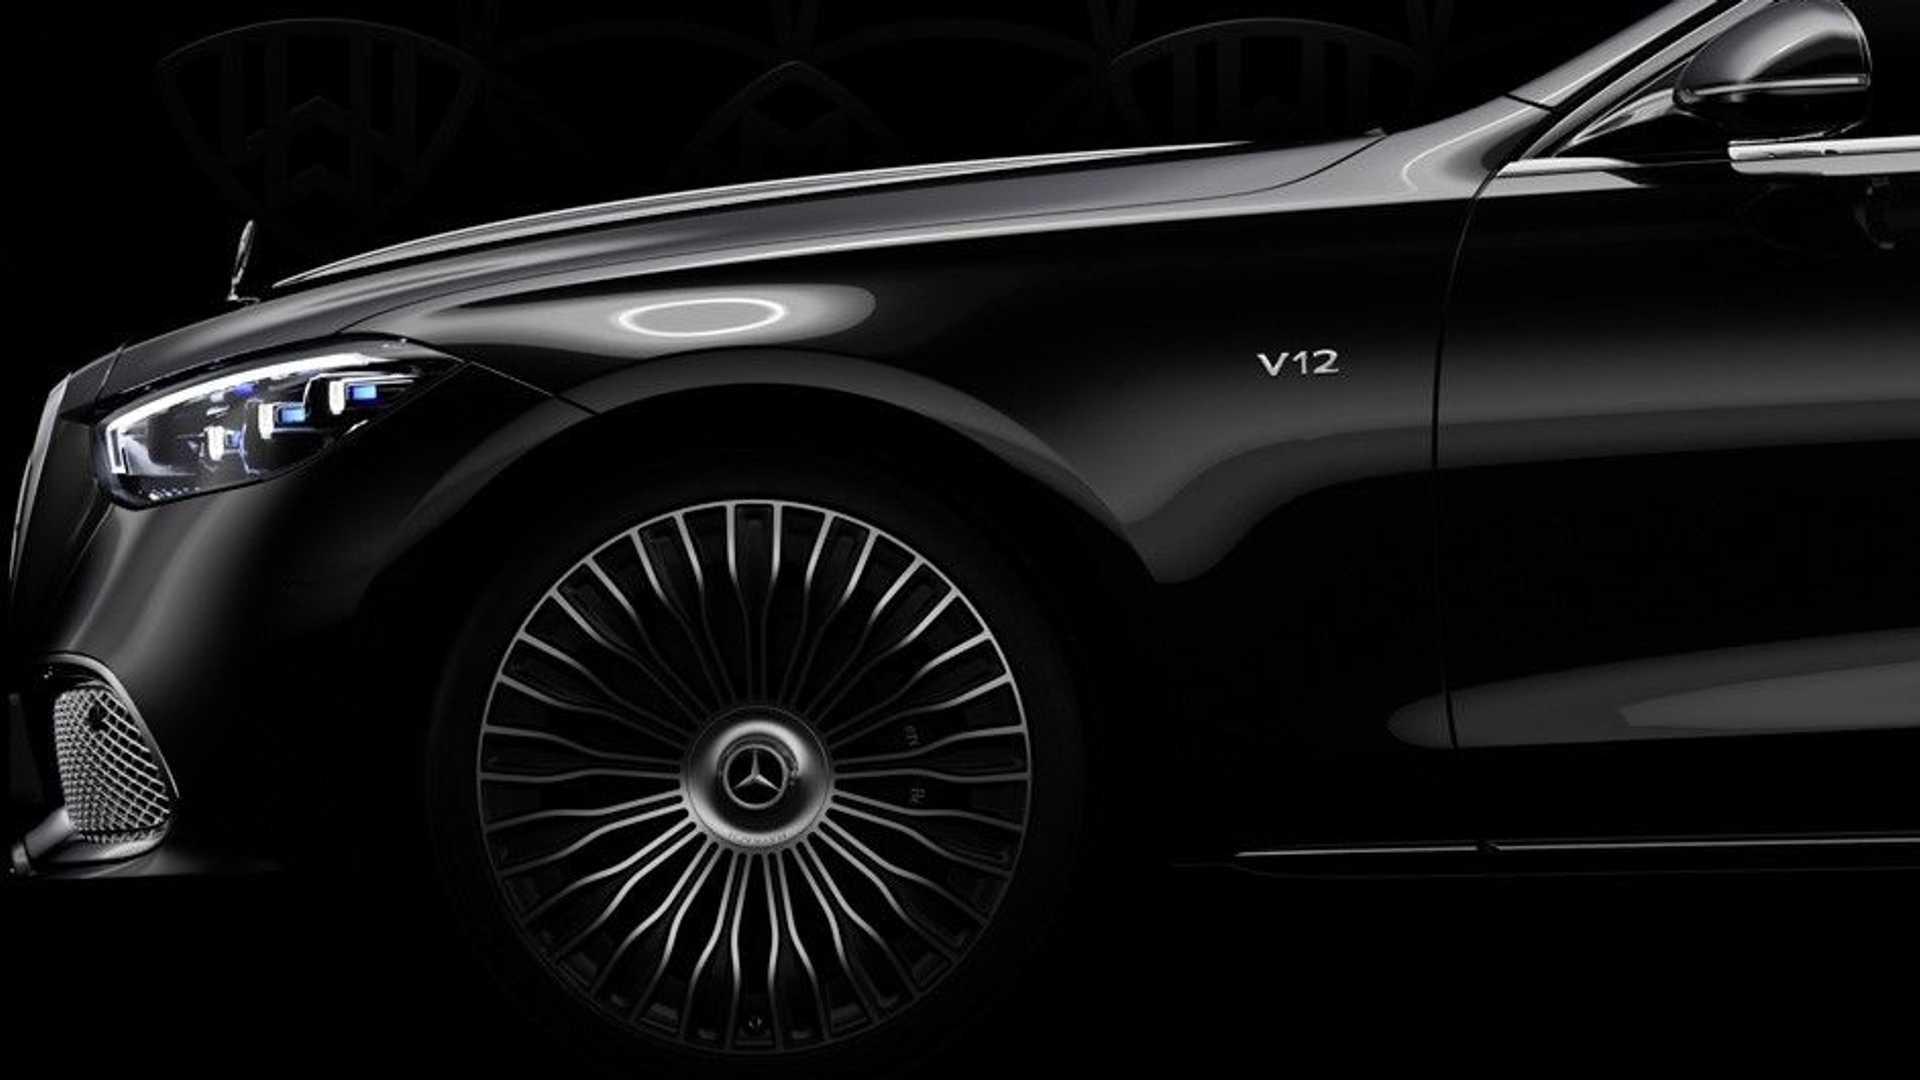 mercedes-maybach-s-class-v12-teaser1.jpeg